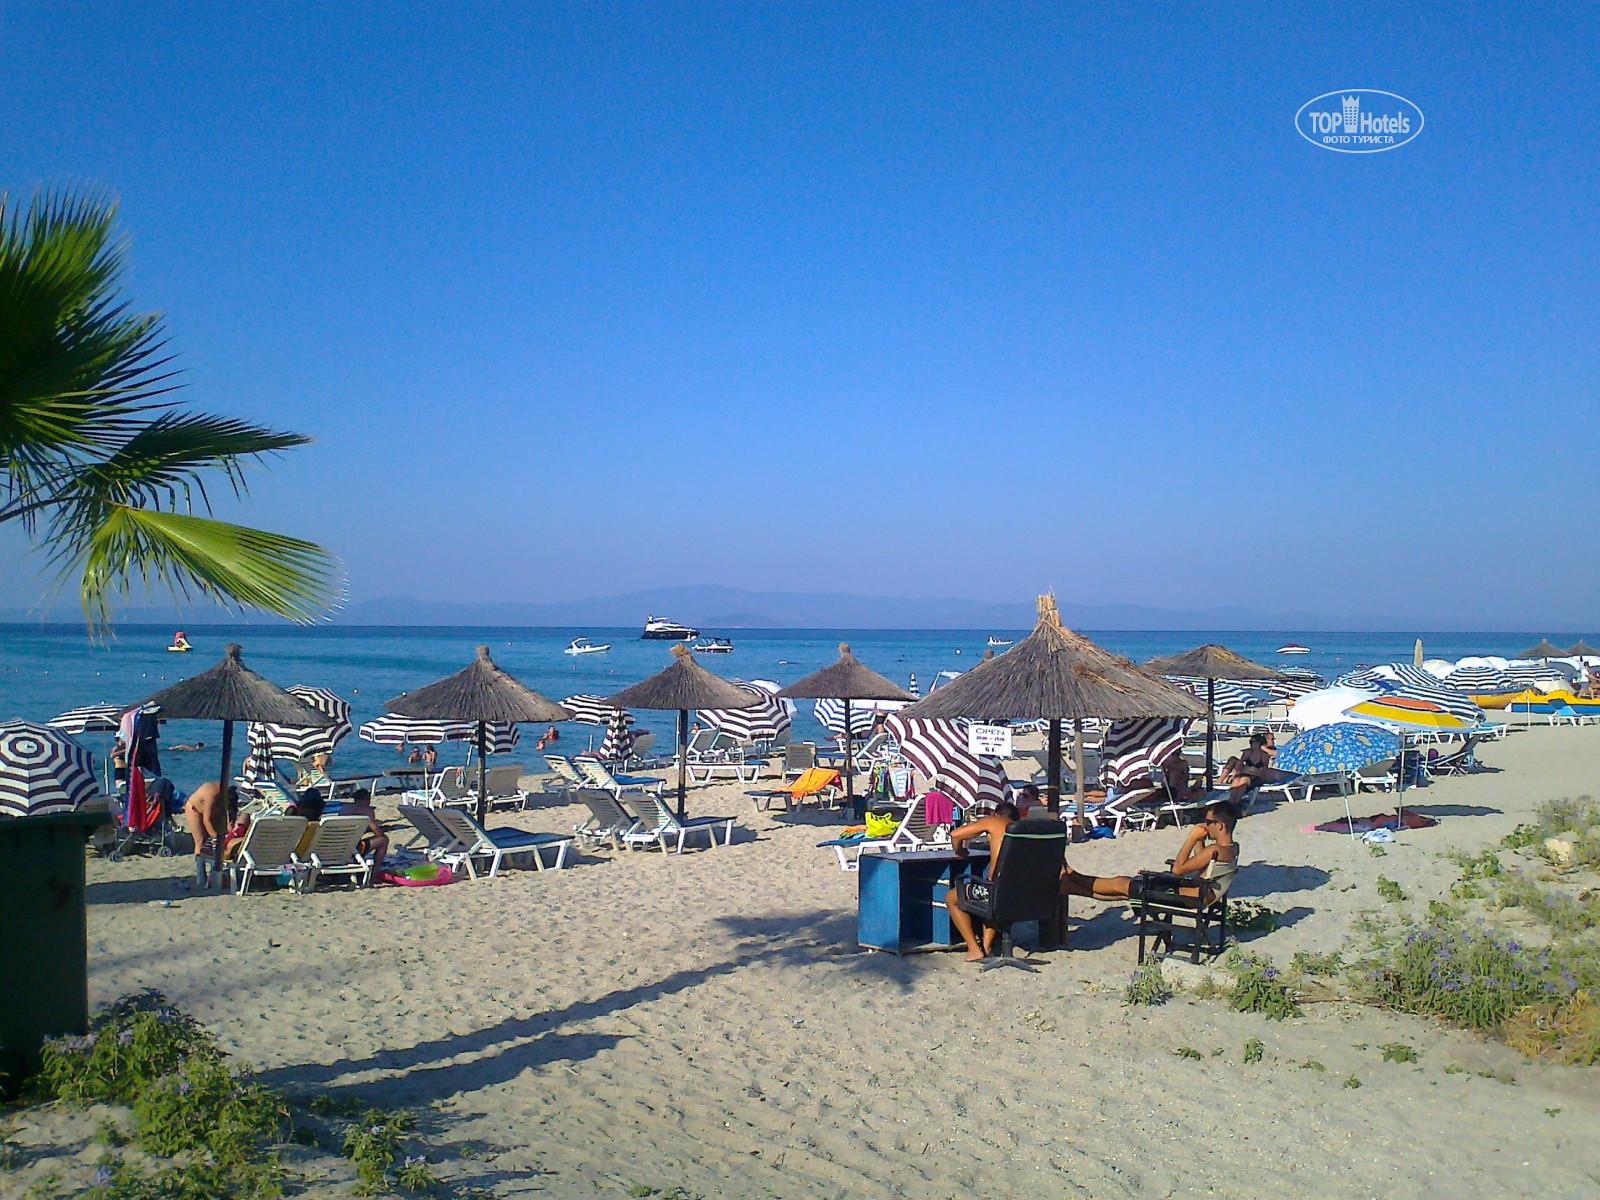 Бомо клаб олимпик косма халкидики фото пляжа